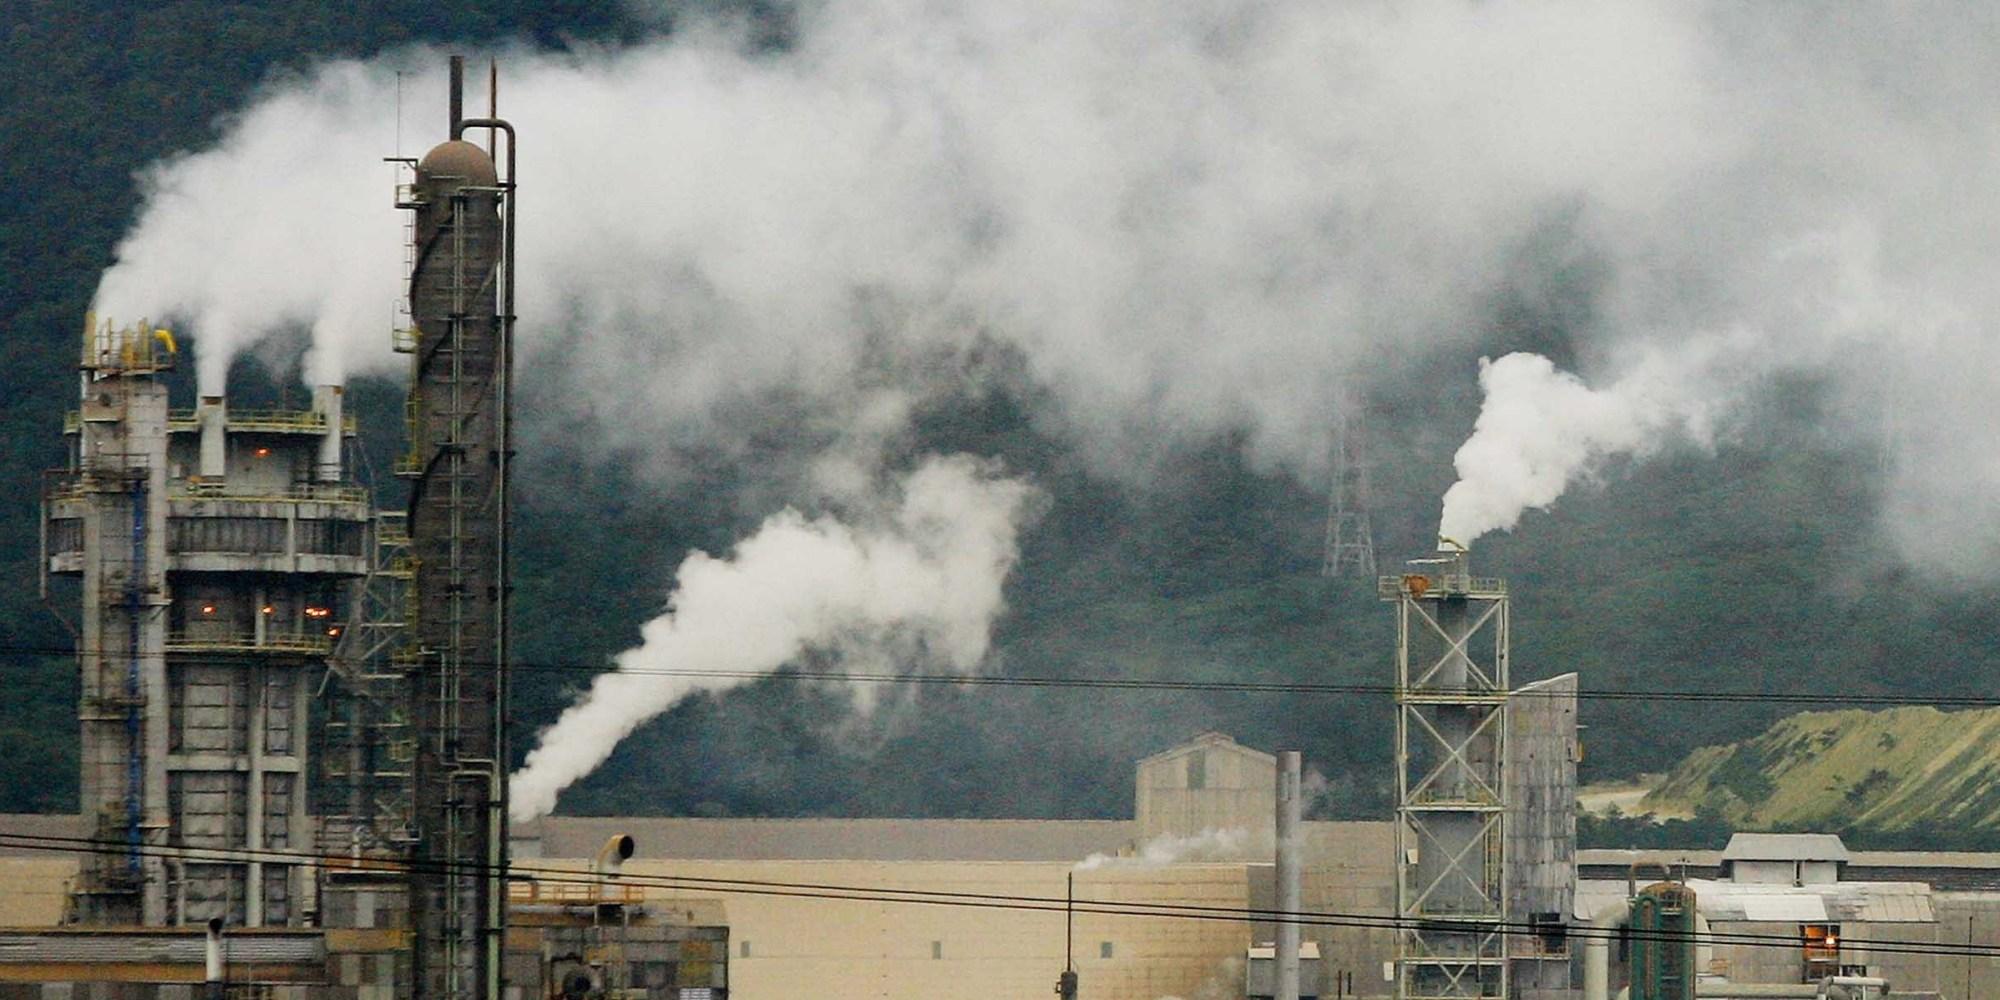 Vazamento de gás tóxico intoxica 82 pessoas em Cubatão - Brasil Post